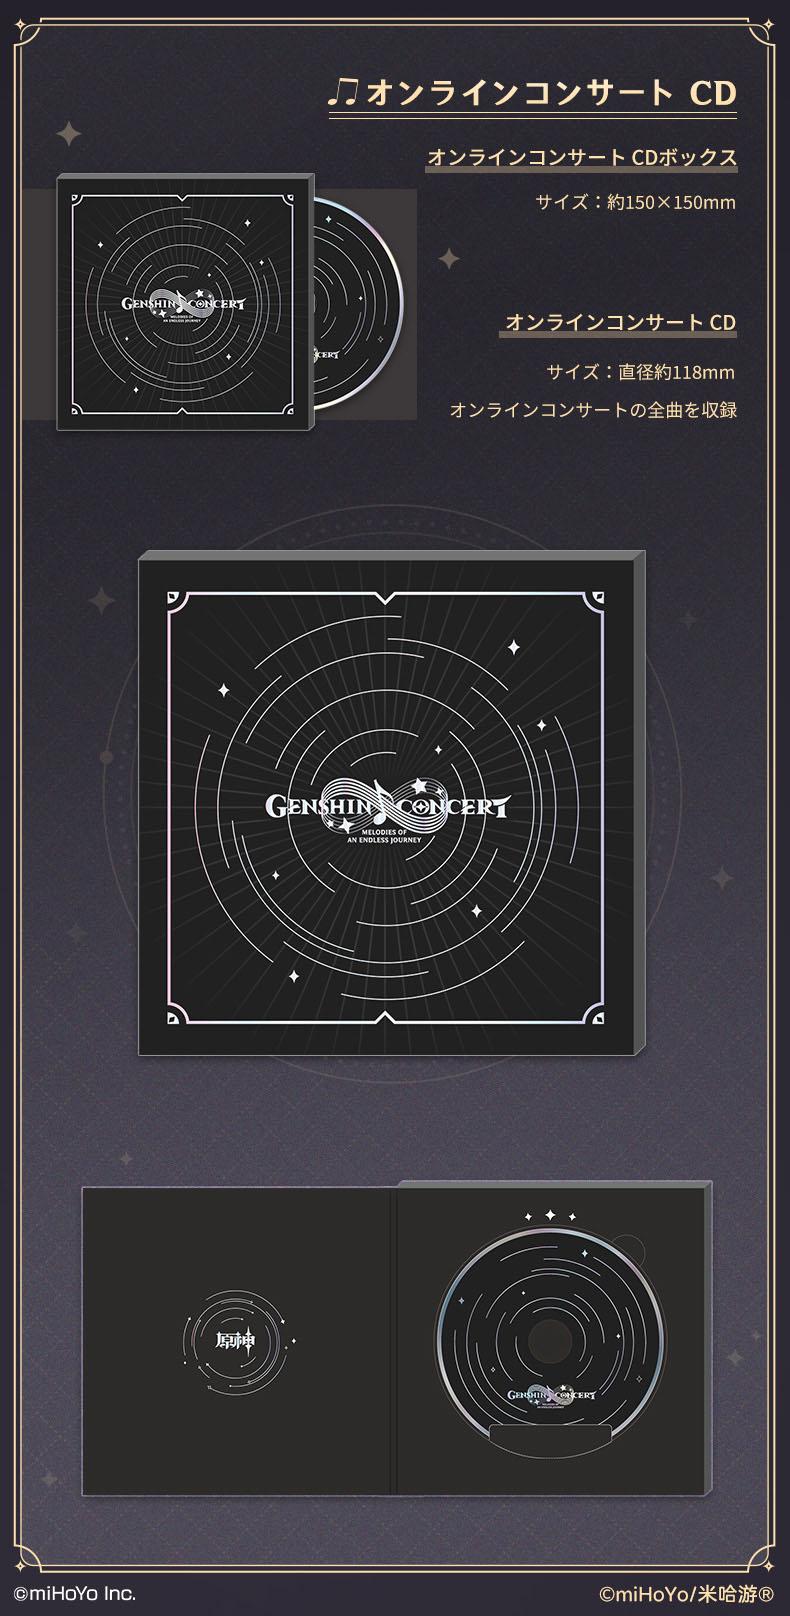 『原神』オンラインコンサートグッズ CD